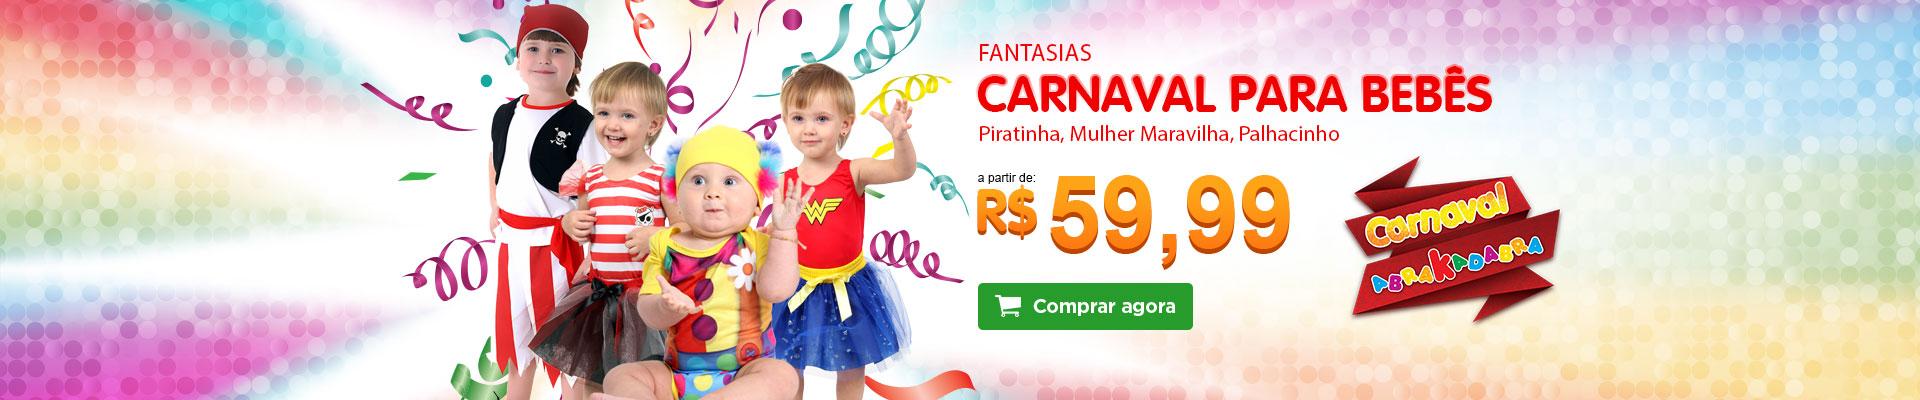 Carnaval para Bebês